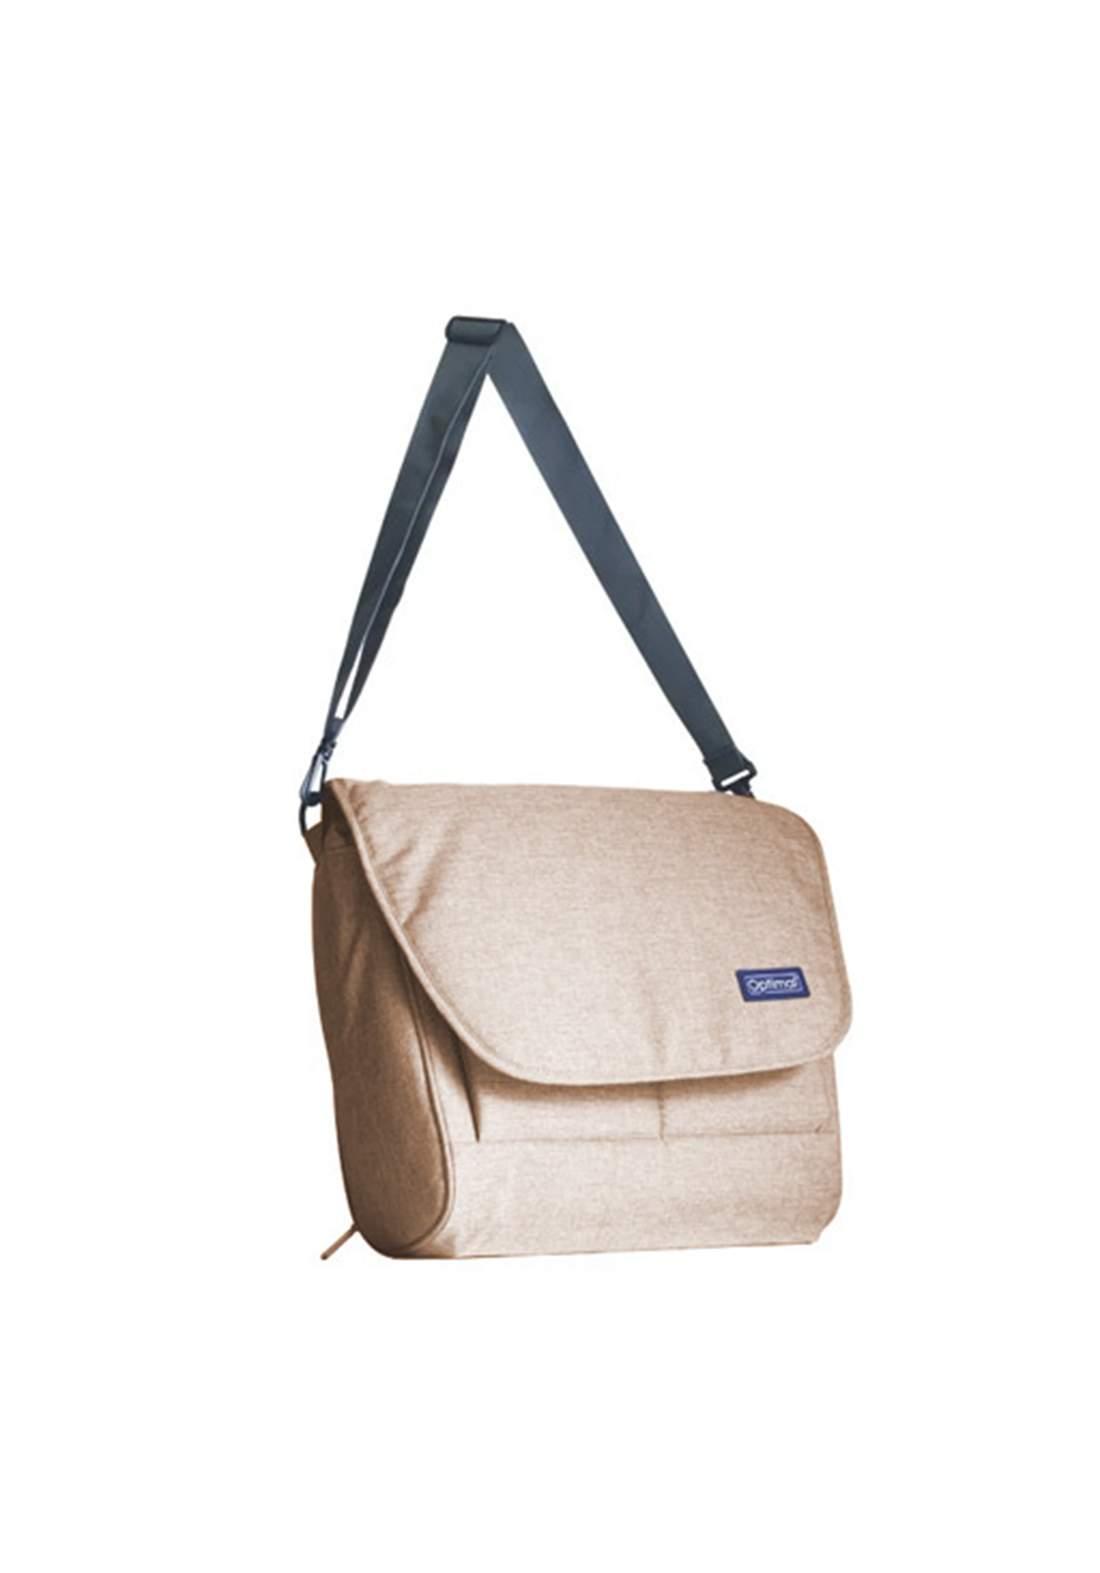 Optimal Mom & Baby Bag  peige حقيبة مستلزمات للاطفال